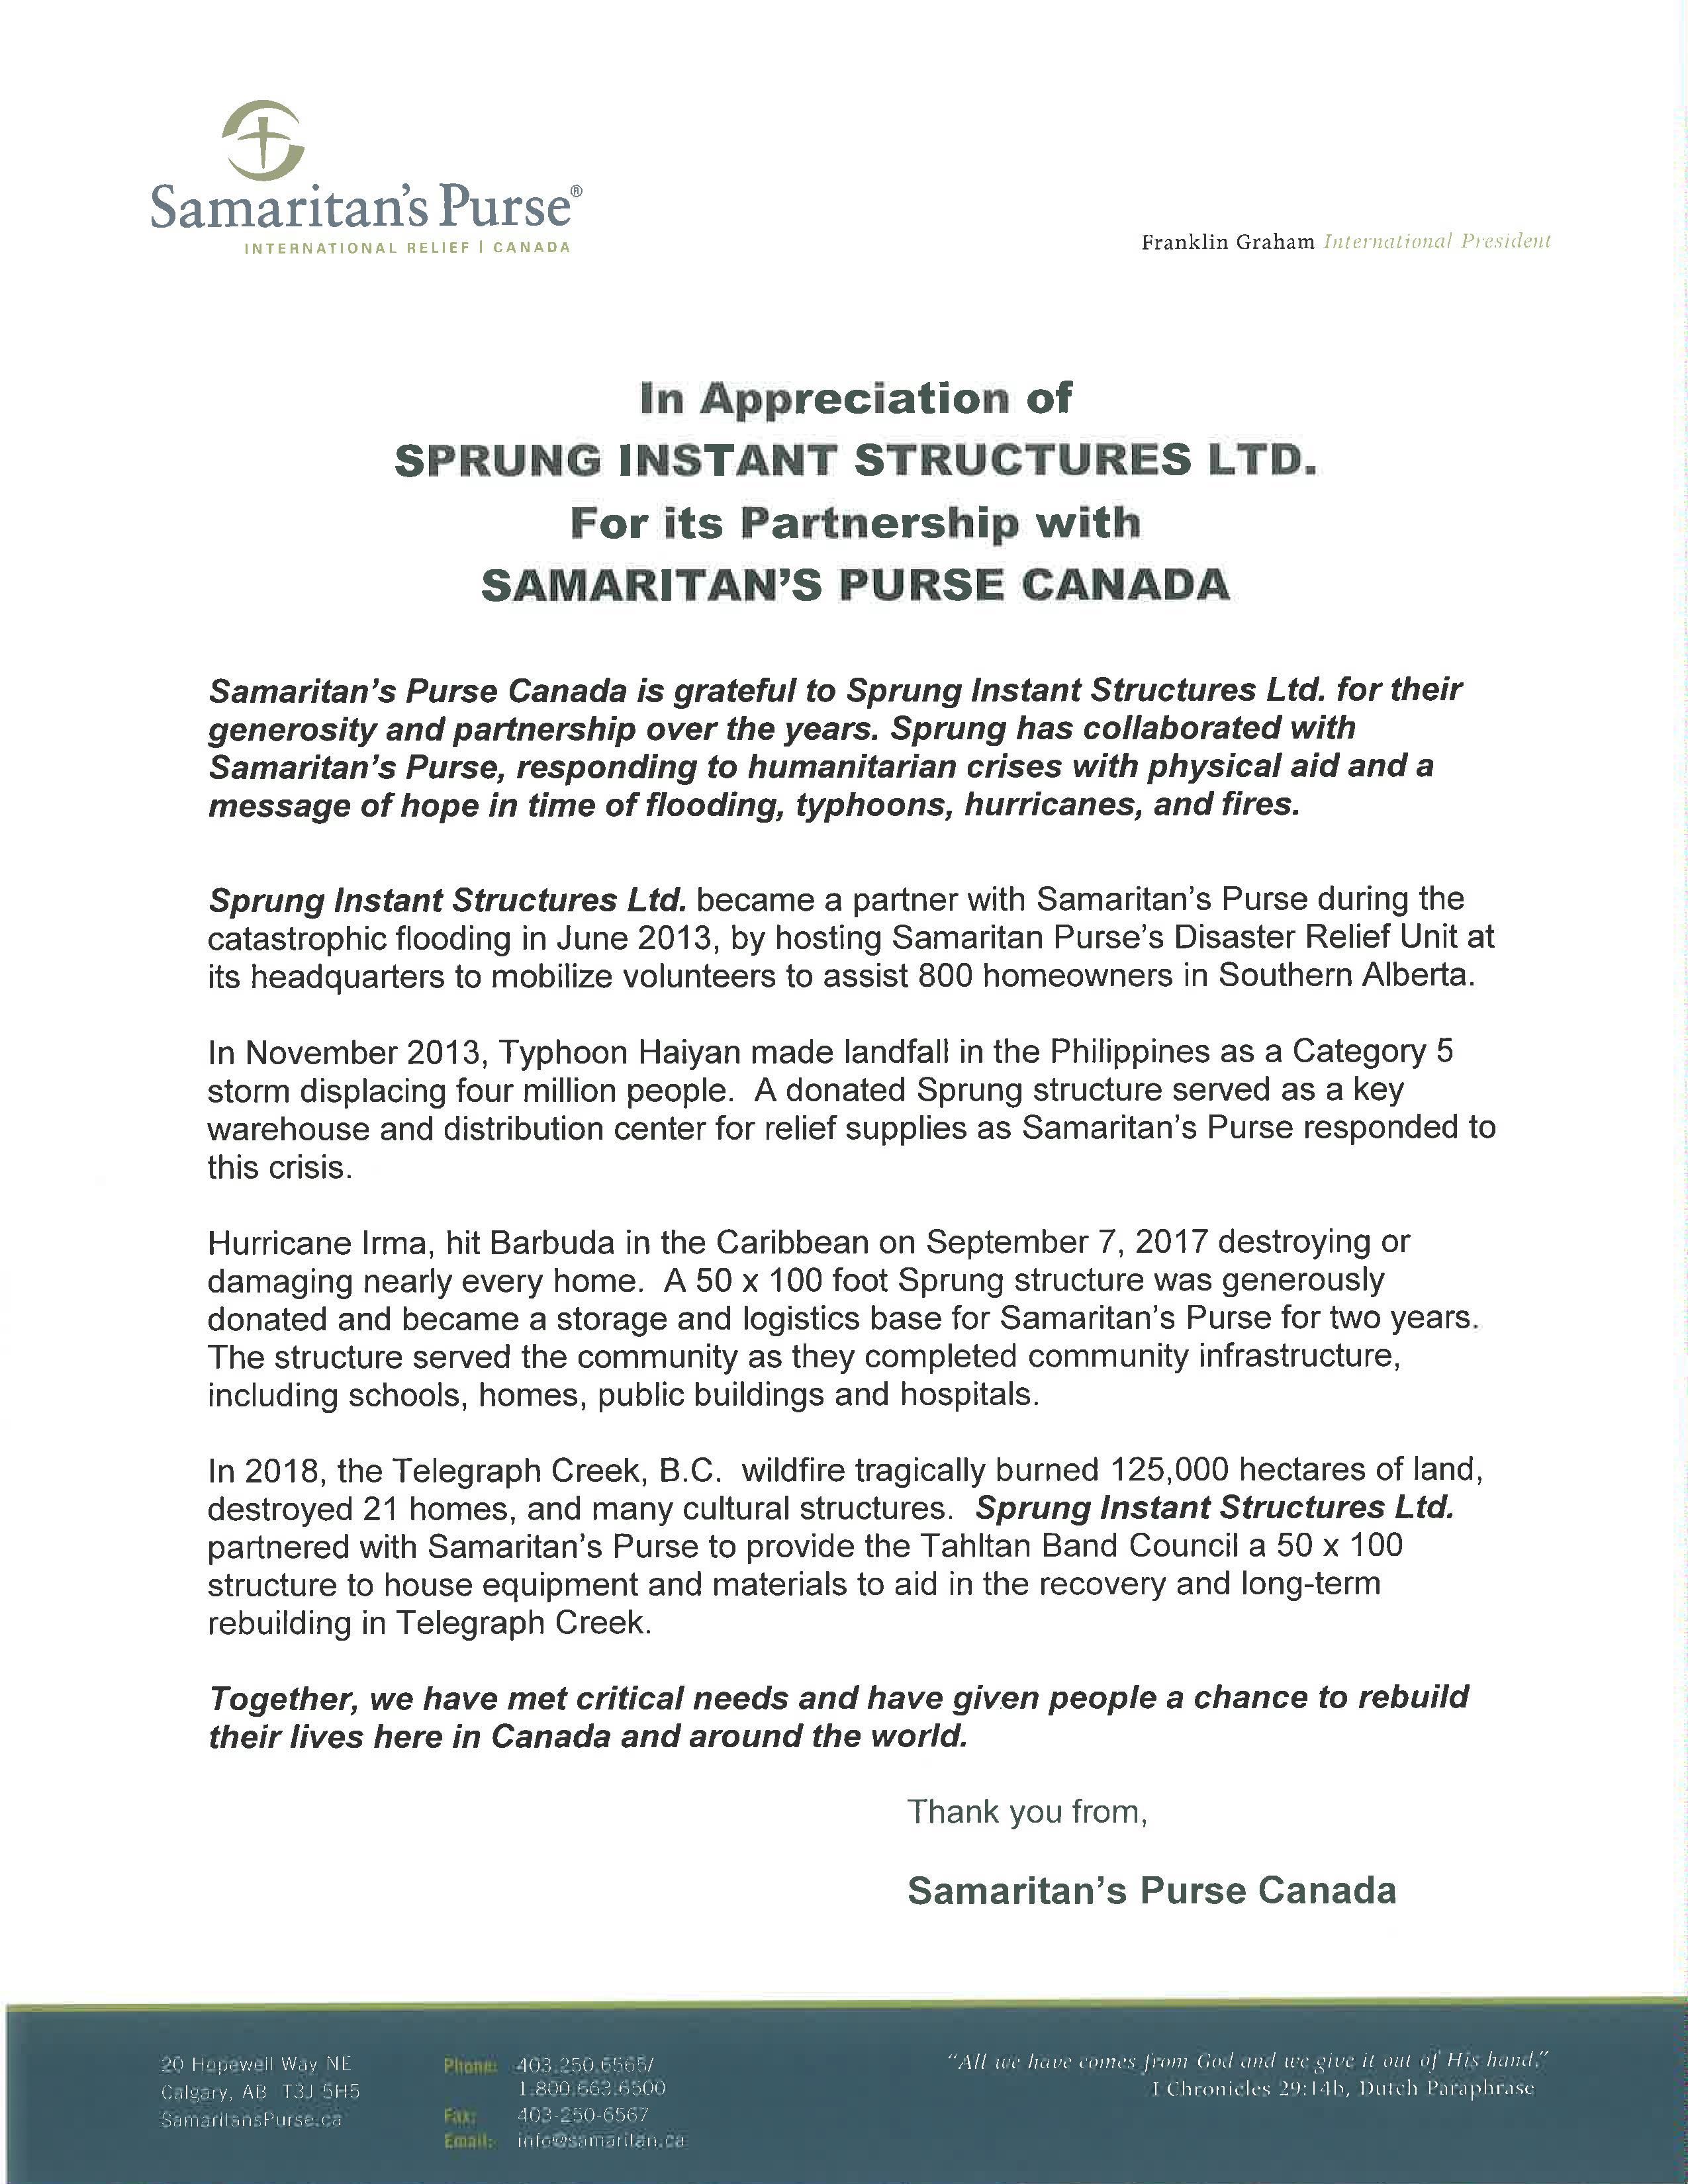 Samaritans Purse letter